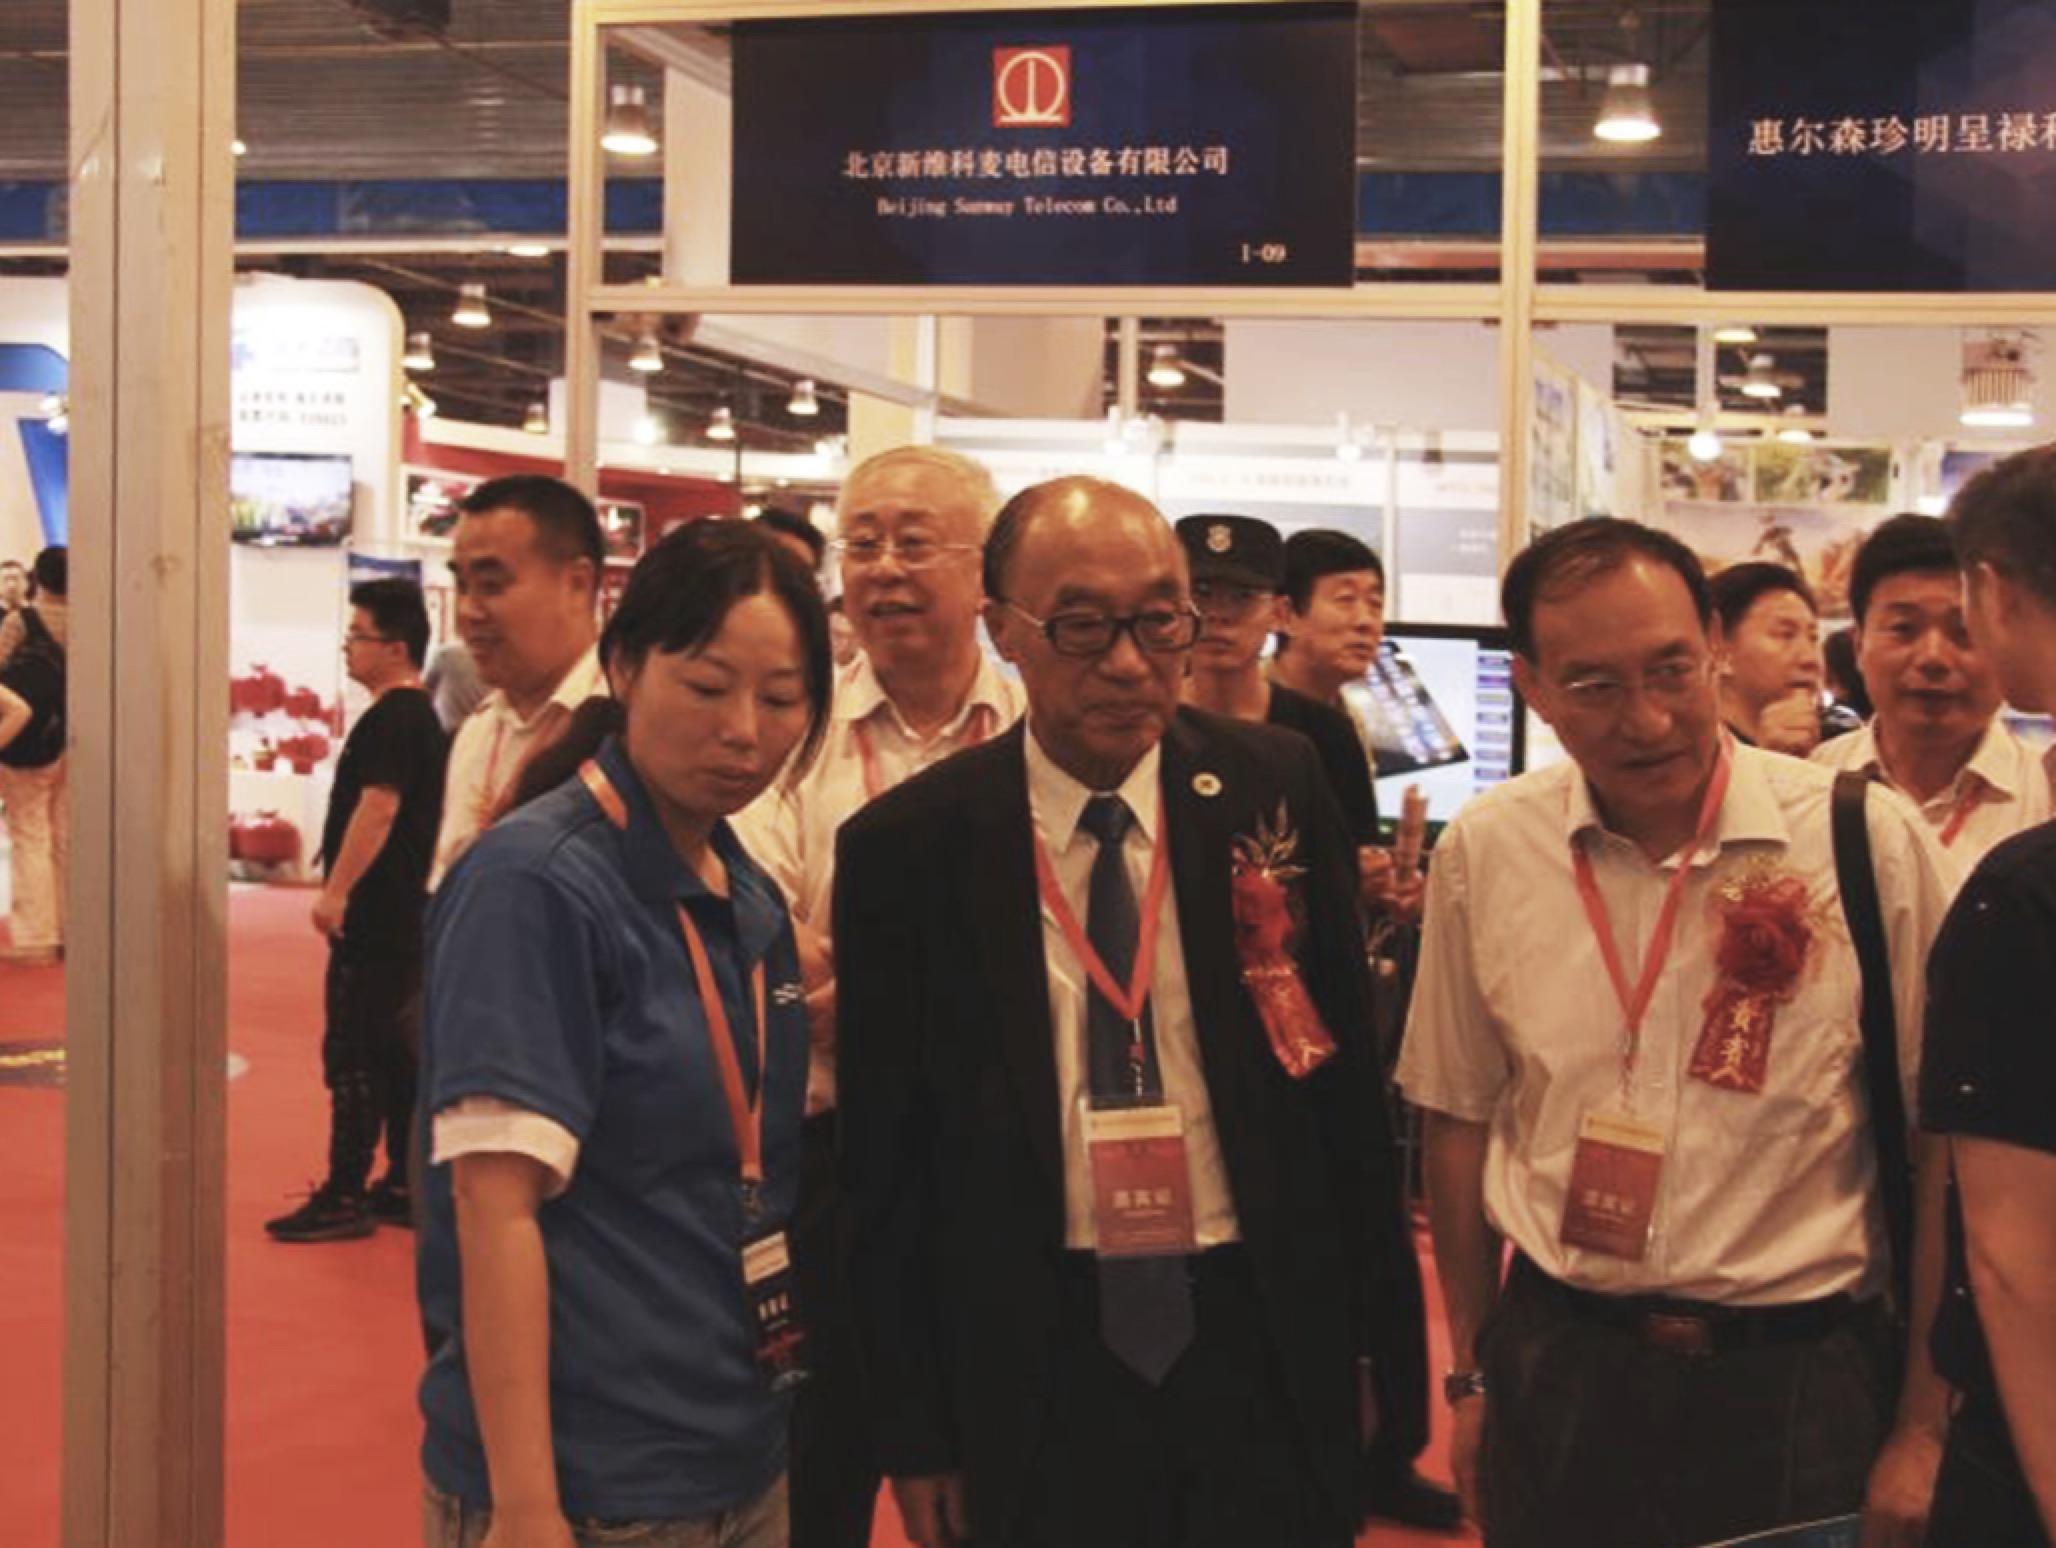 水母科技受邀参加2019第十一届北京国际防灾减灾应急产业博览会